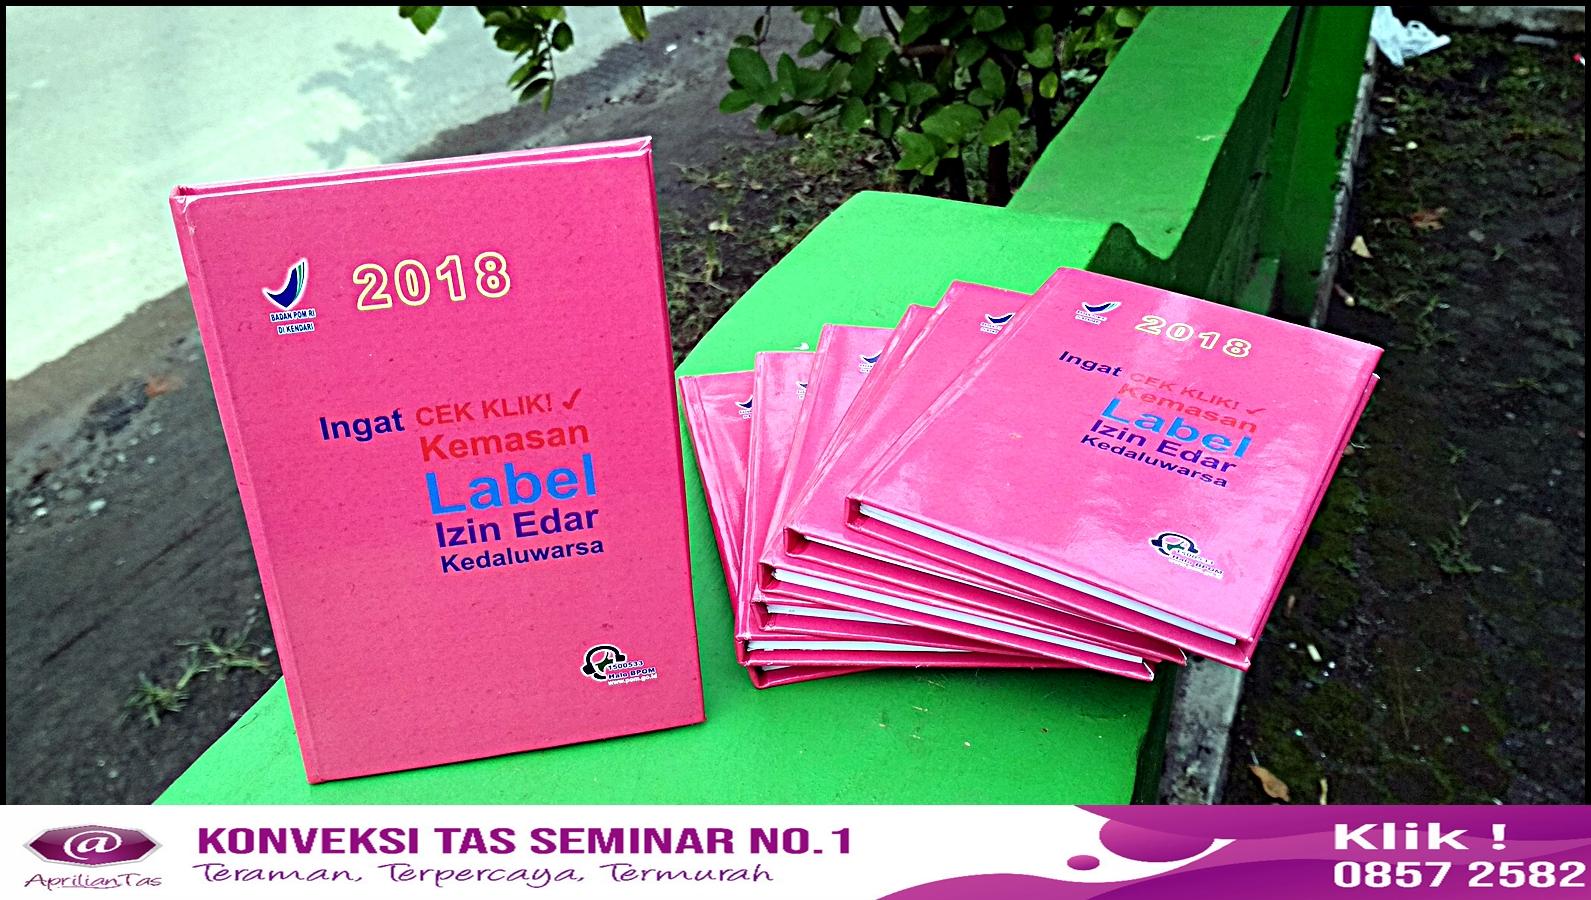 Rekomendasi Pembuatan Tas Seminar Kit Biaya Ekonomis di Produsen Tas Bandung Tas seminar bahan,tas seminar batik laptop,tas seminar cepat,tas kanvas seminar,